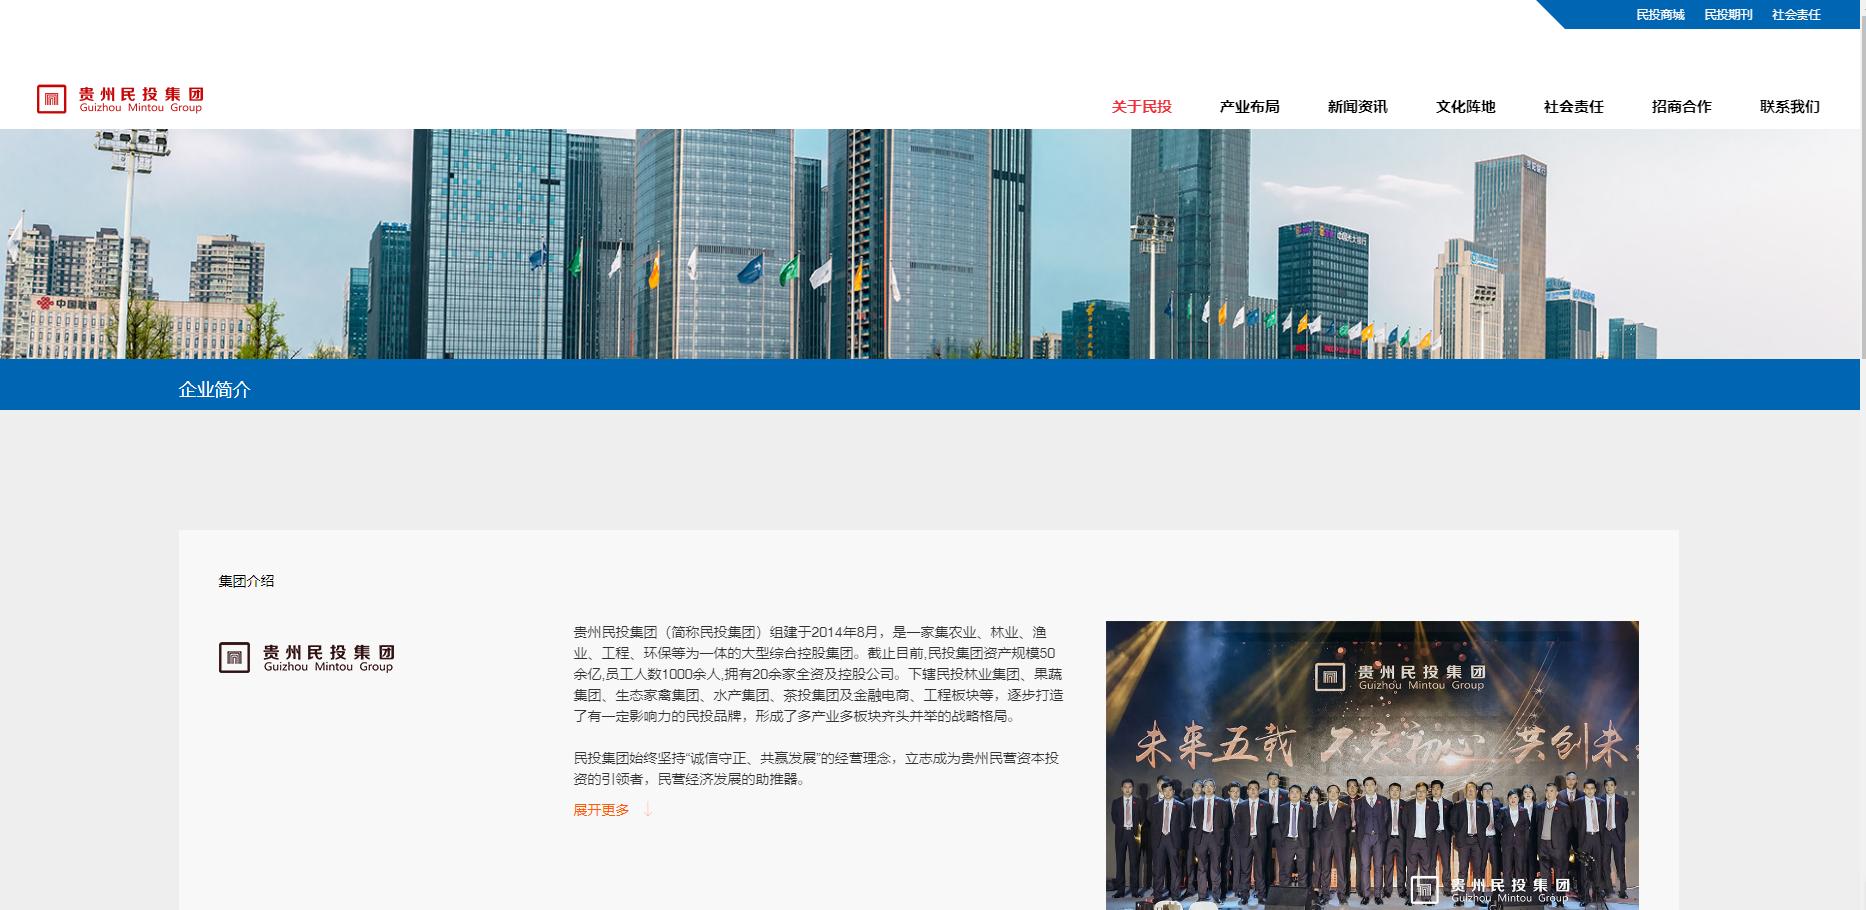 贵州民投集团网站建设案例